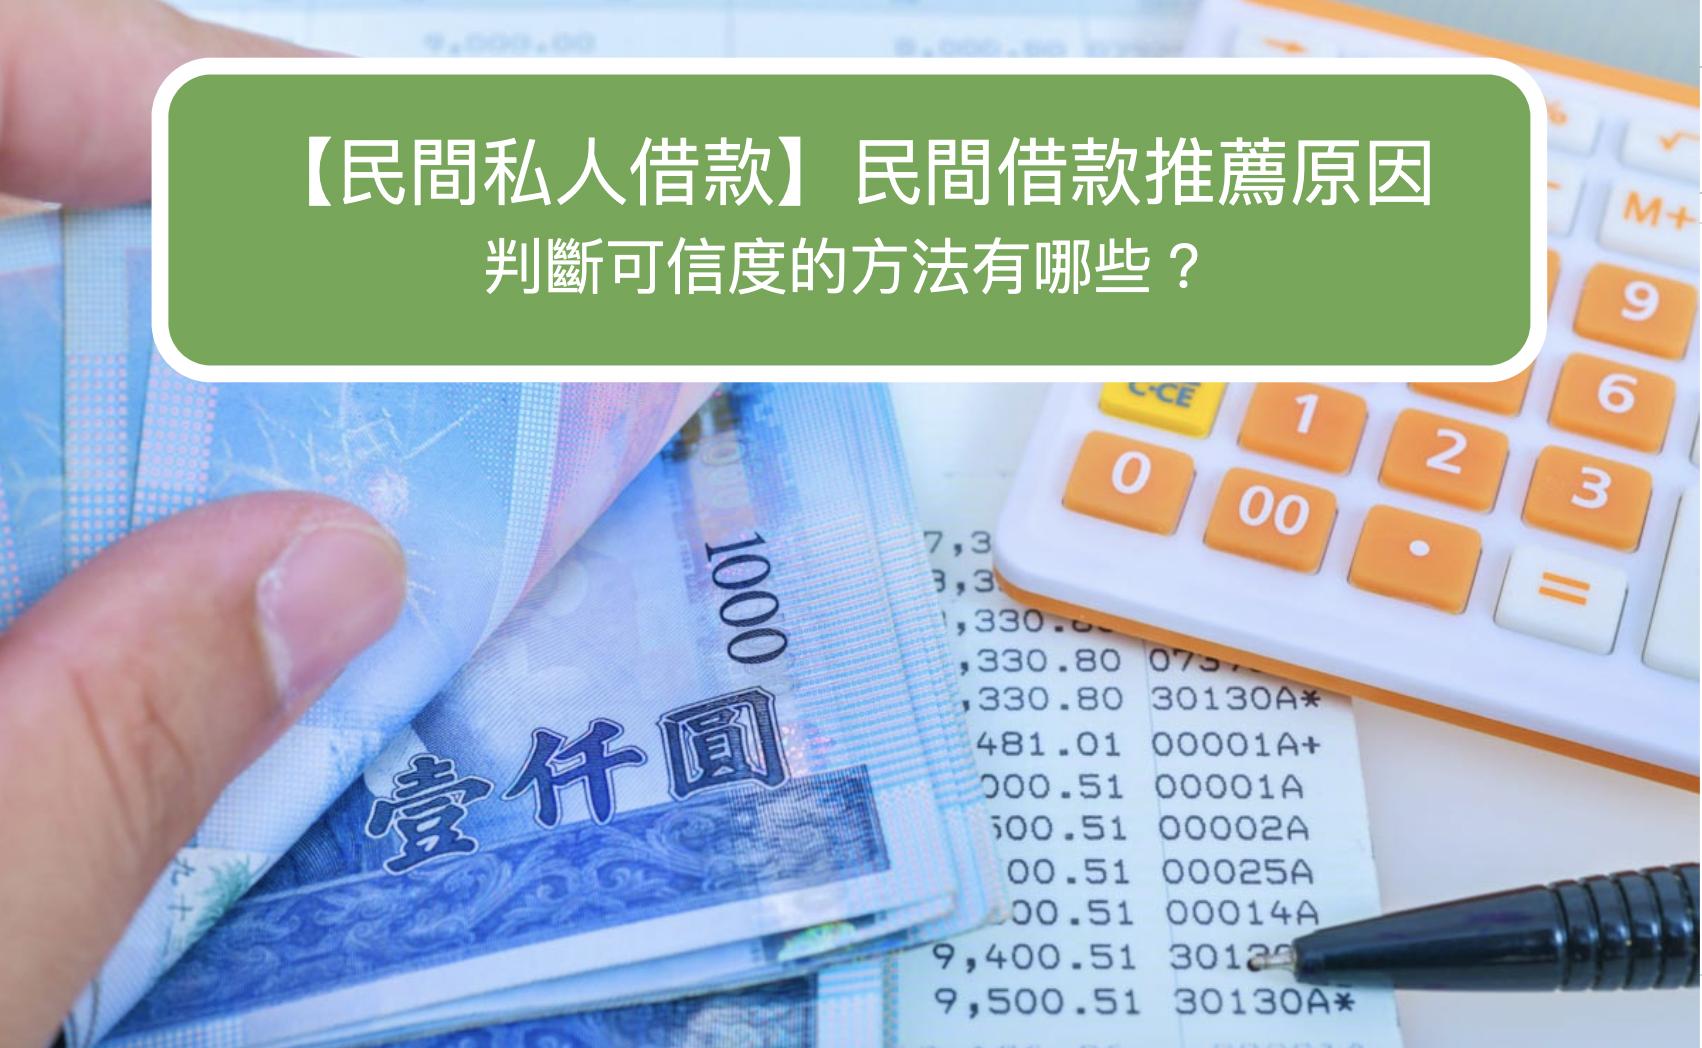 【民間私人借款】判斷可信度的方法有哪些?民間借款推薦原因